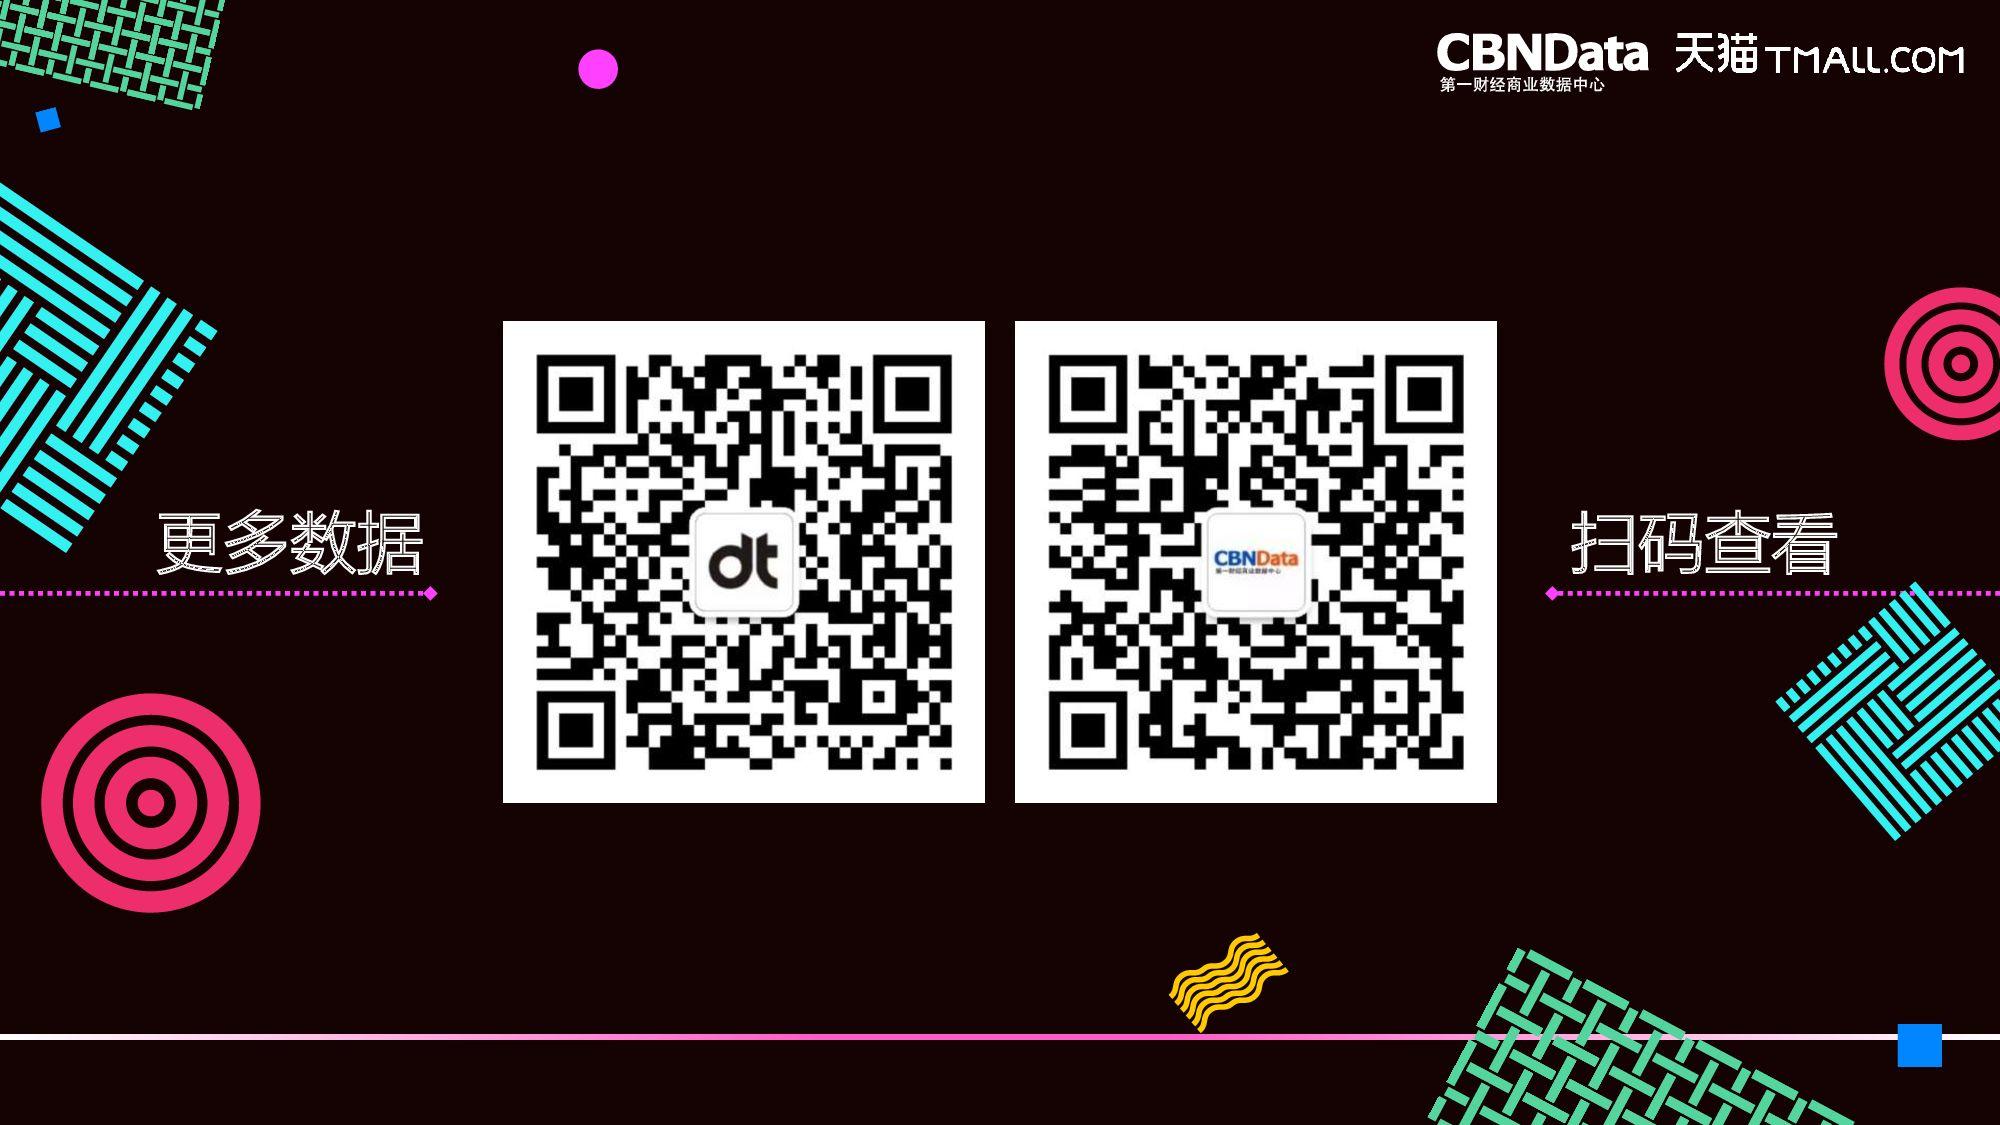 1477329524-8223-5c30121409e2d2c26bc0d2b7-107